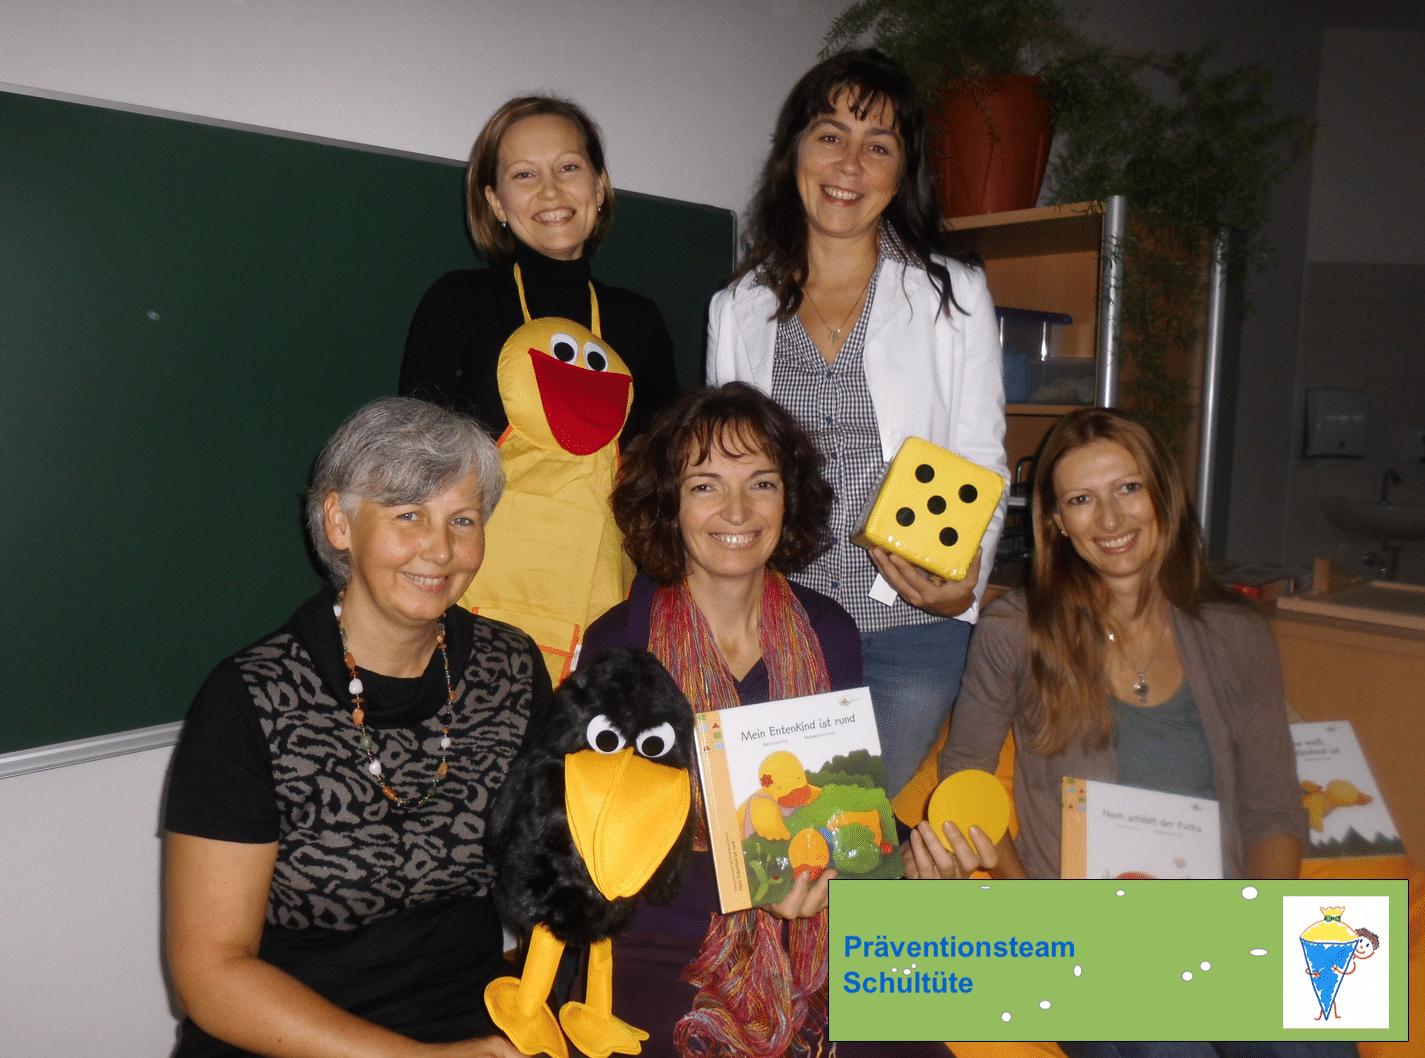 Christine Kalcher, Eveline Schwabl, Claudia Jaklitsch, Irina Kuhn, Roswitha Hafen